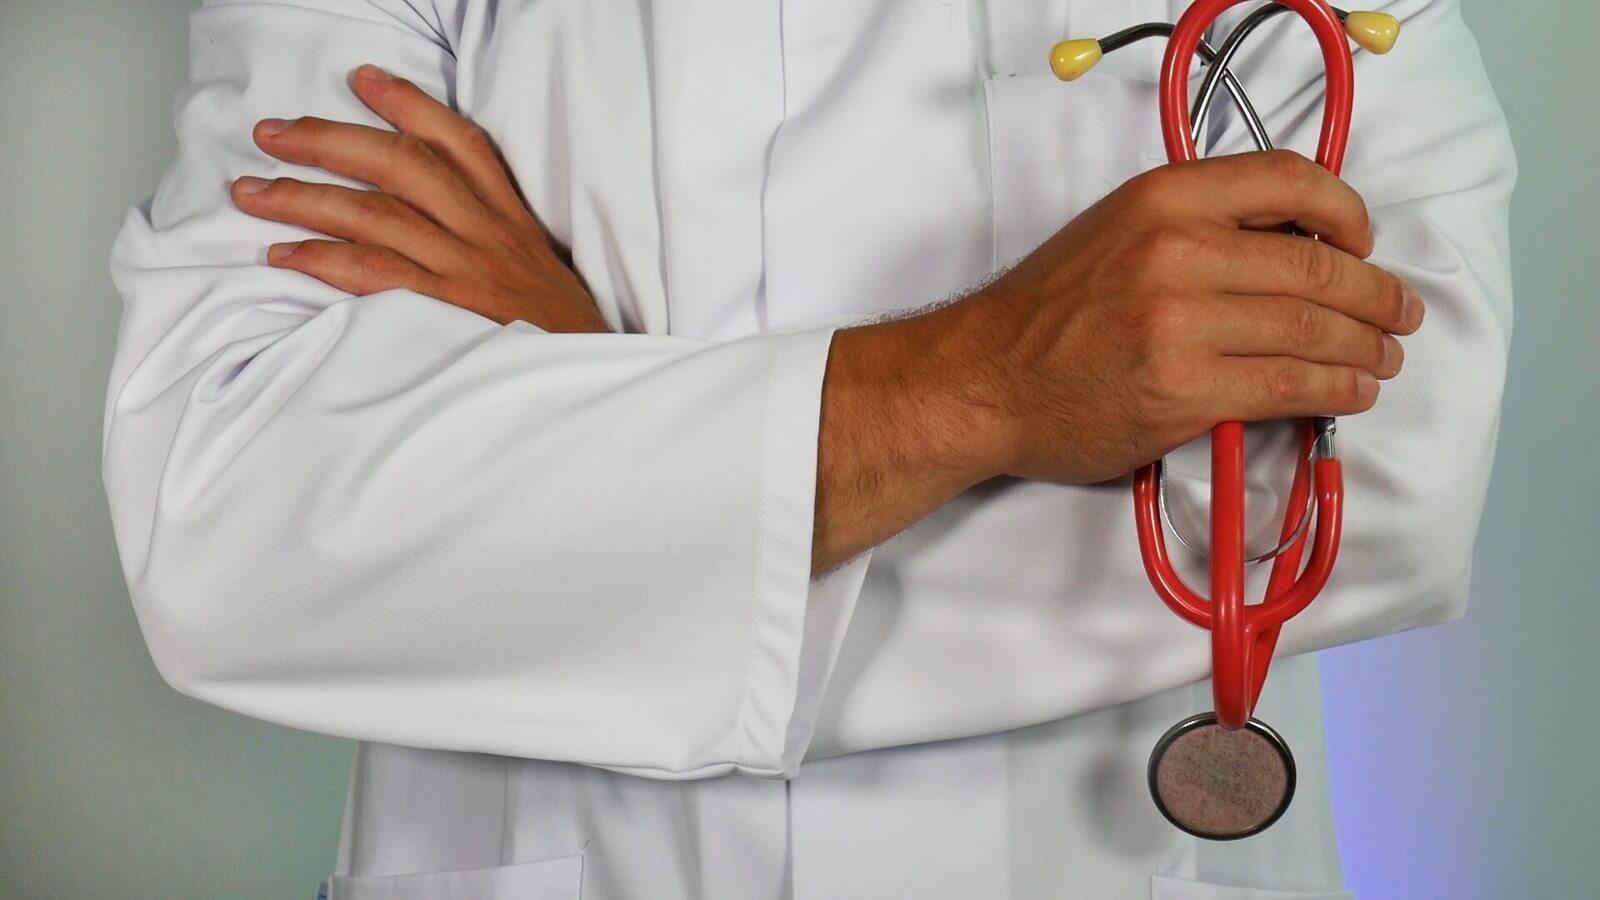 U gaat op doktersbezoek, uw mantelzorger gaat met u mee.